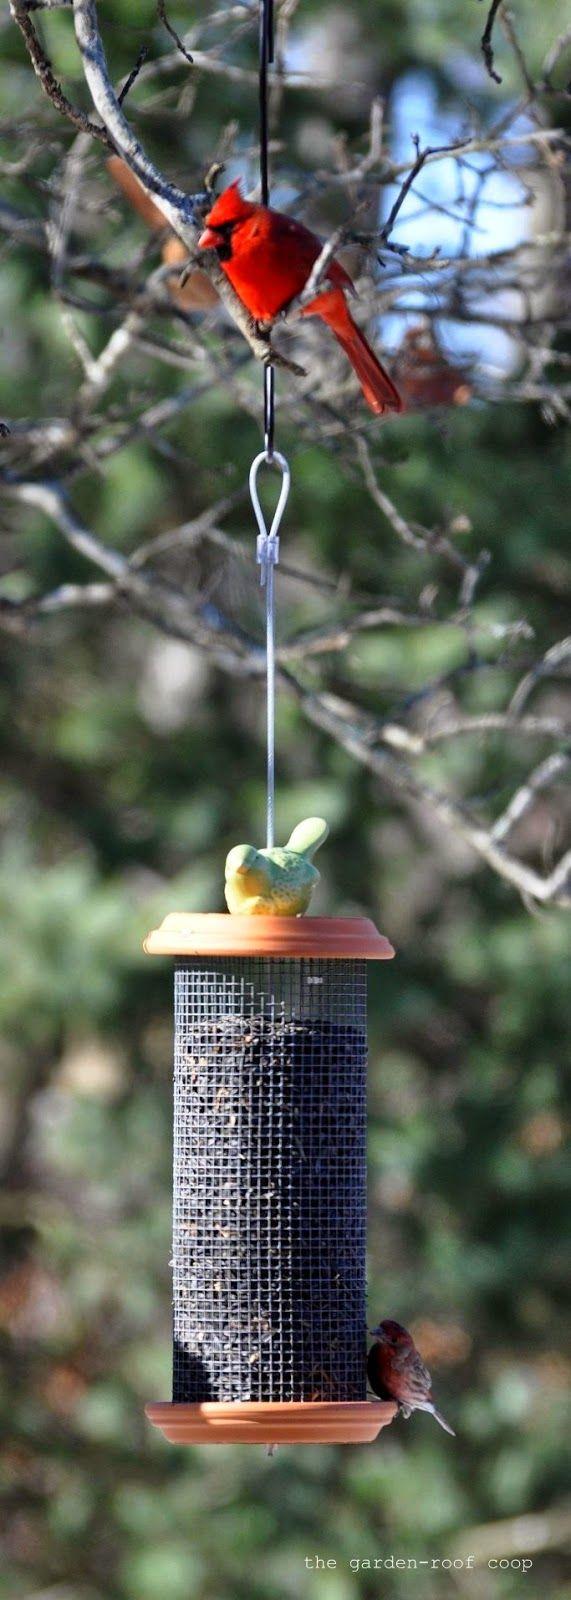 49 best images about tube bird feeder plans on pinterest for Homemade bird feeder plans